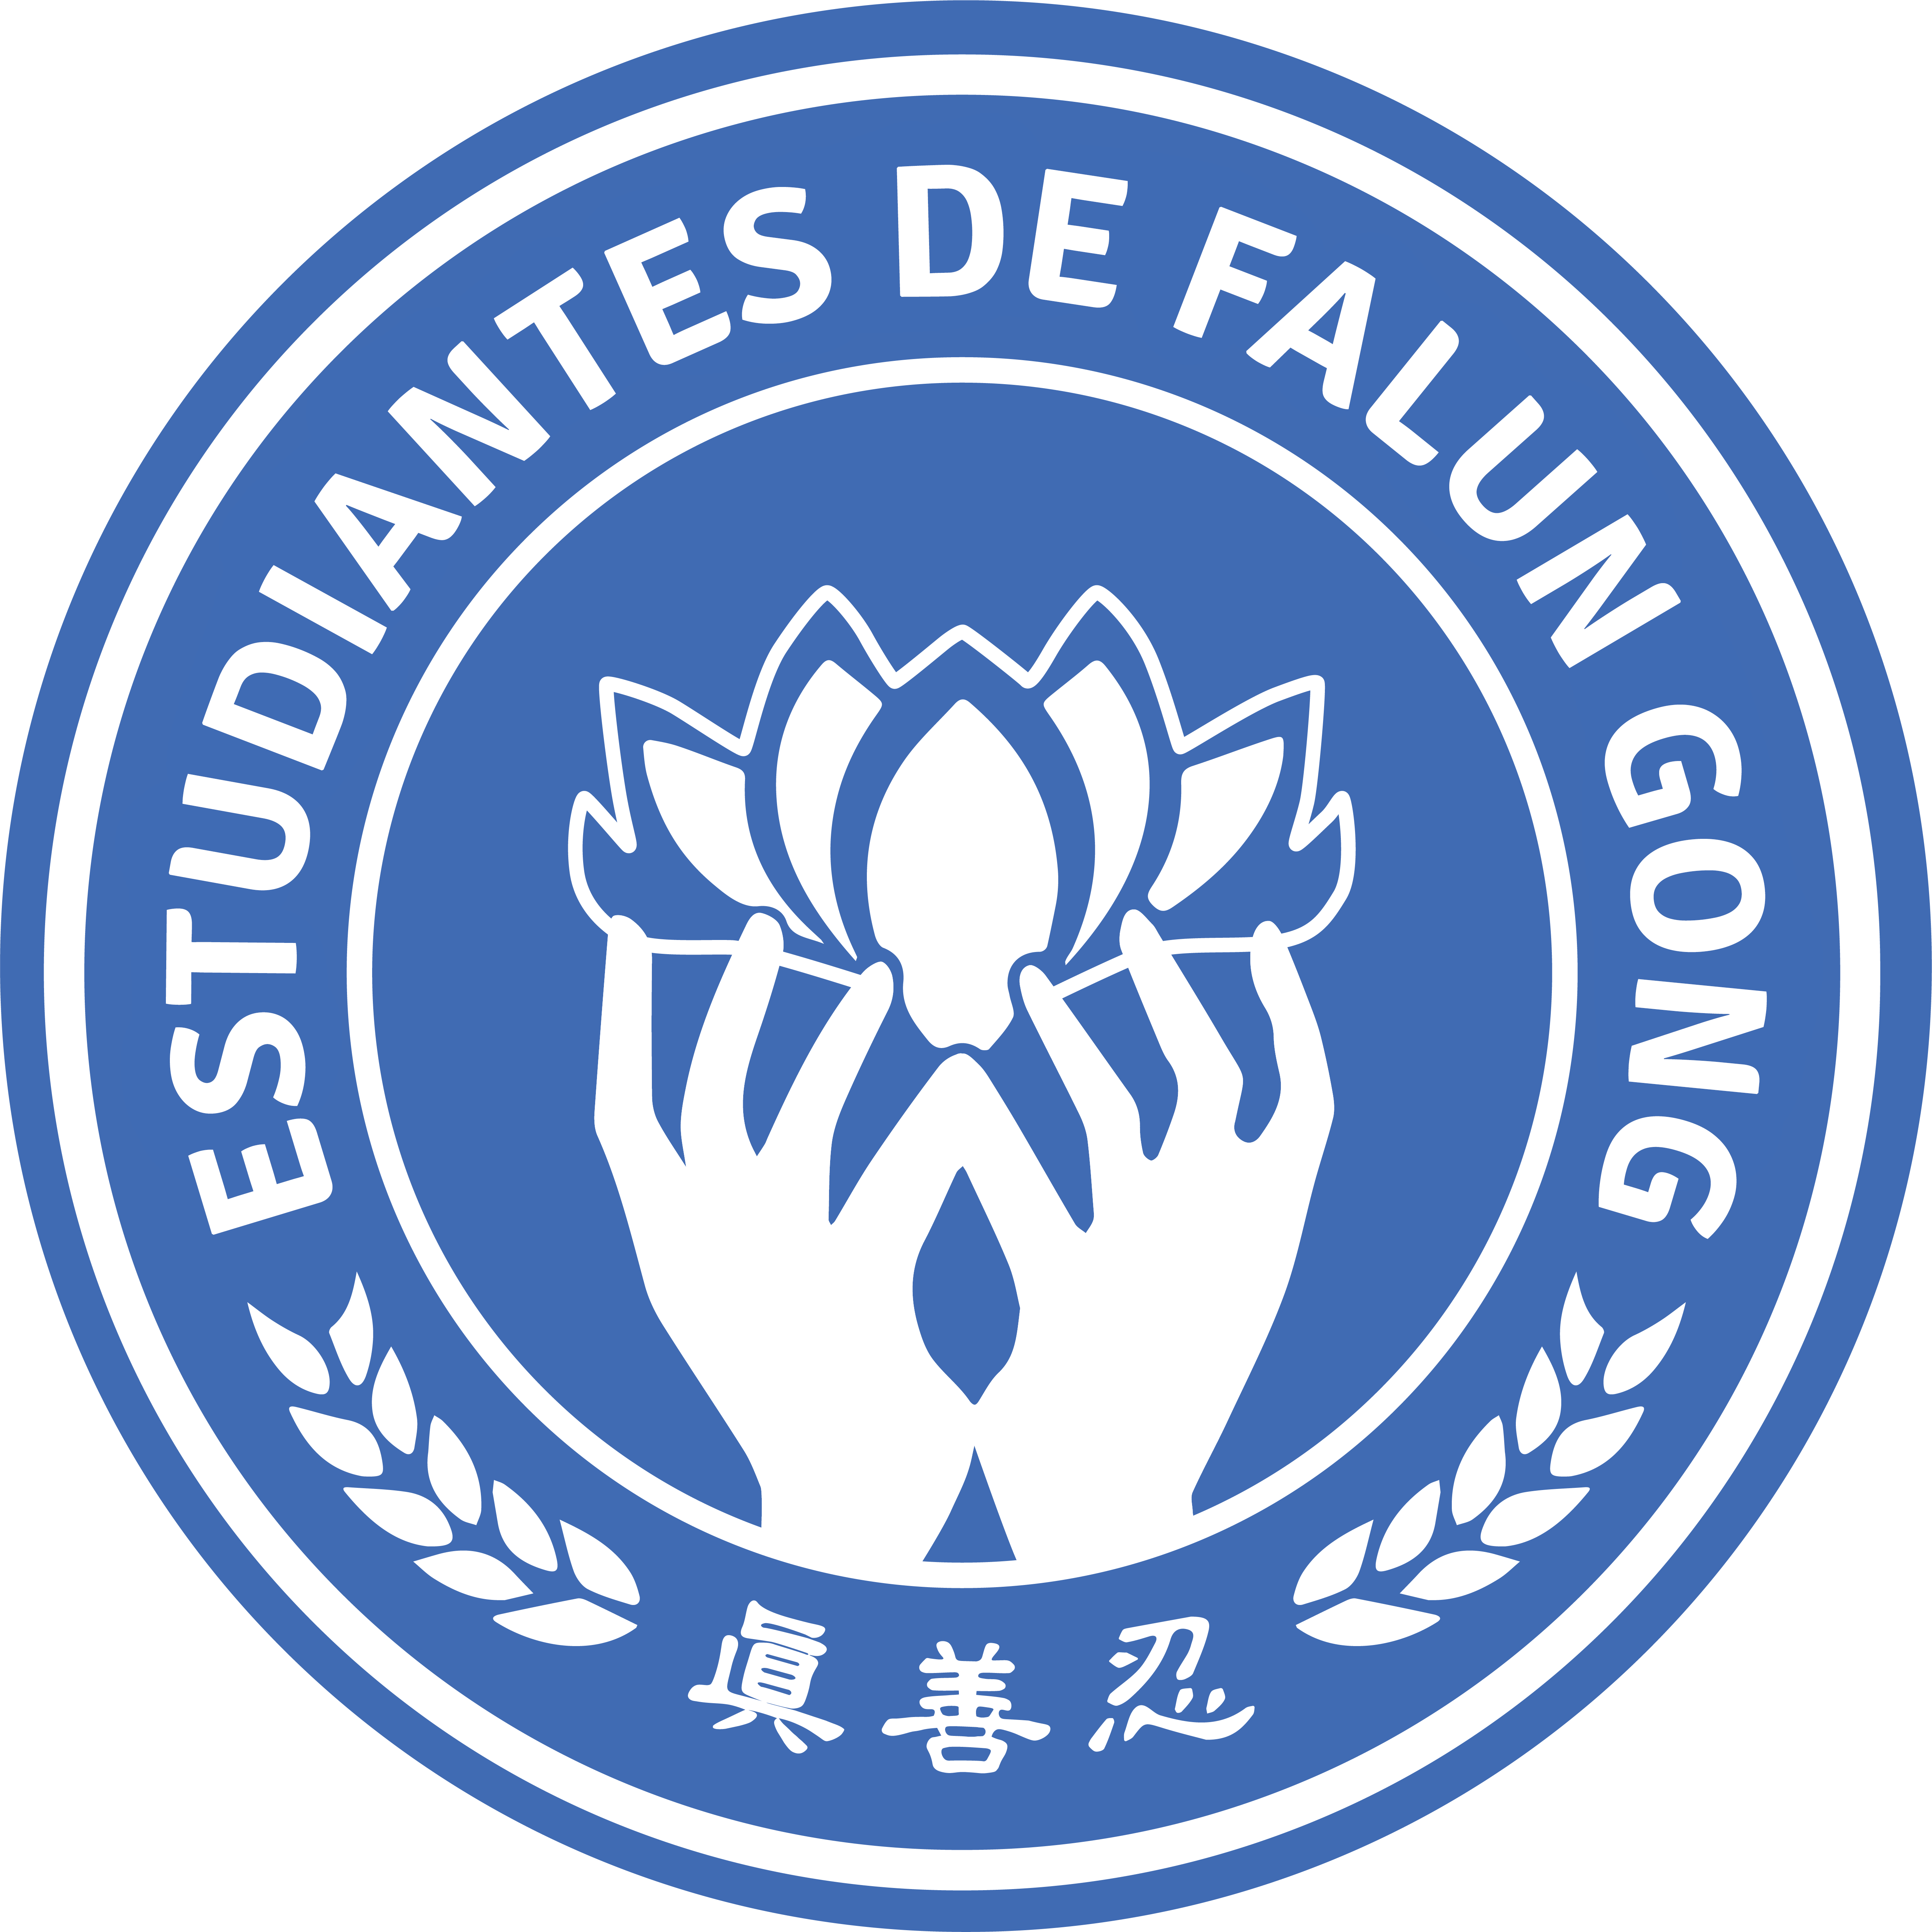 Estudiantes De Falun Gong